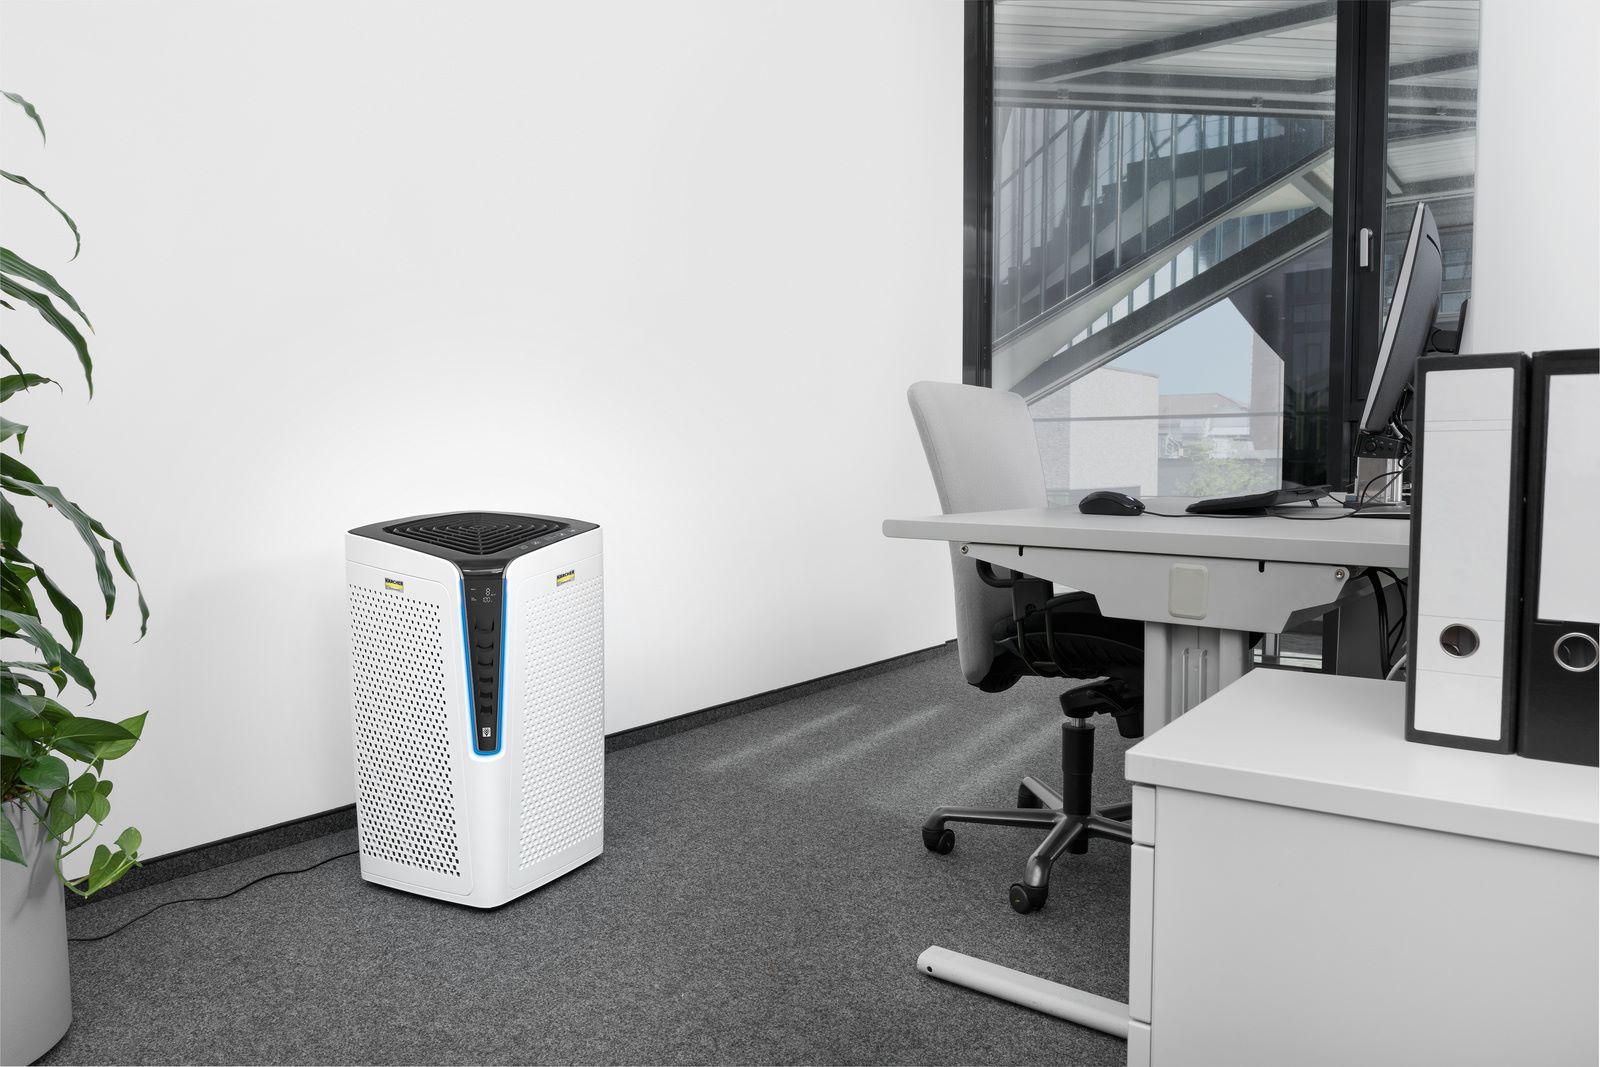 Дыши полной грудью! Оптимальное качество воздуха в помещении обеспечит современное устройство от Karcher